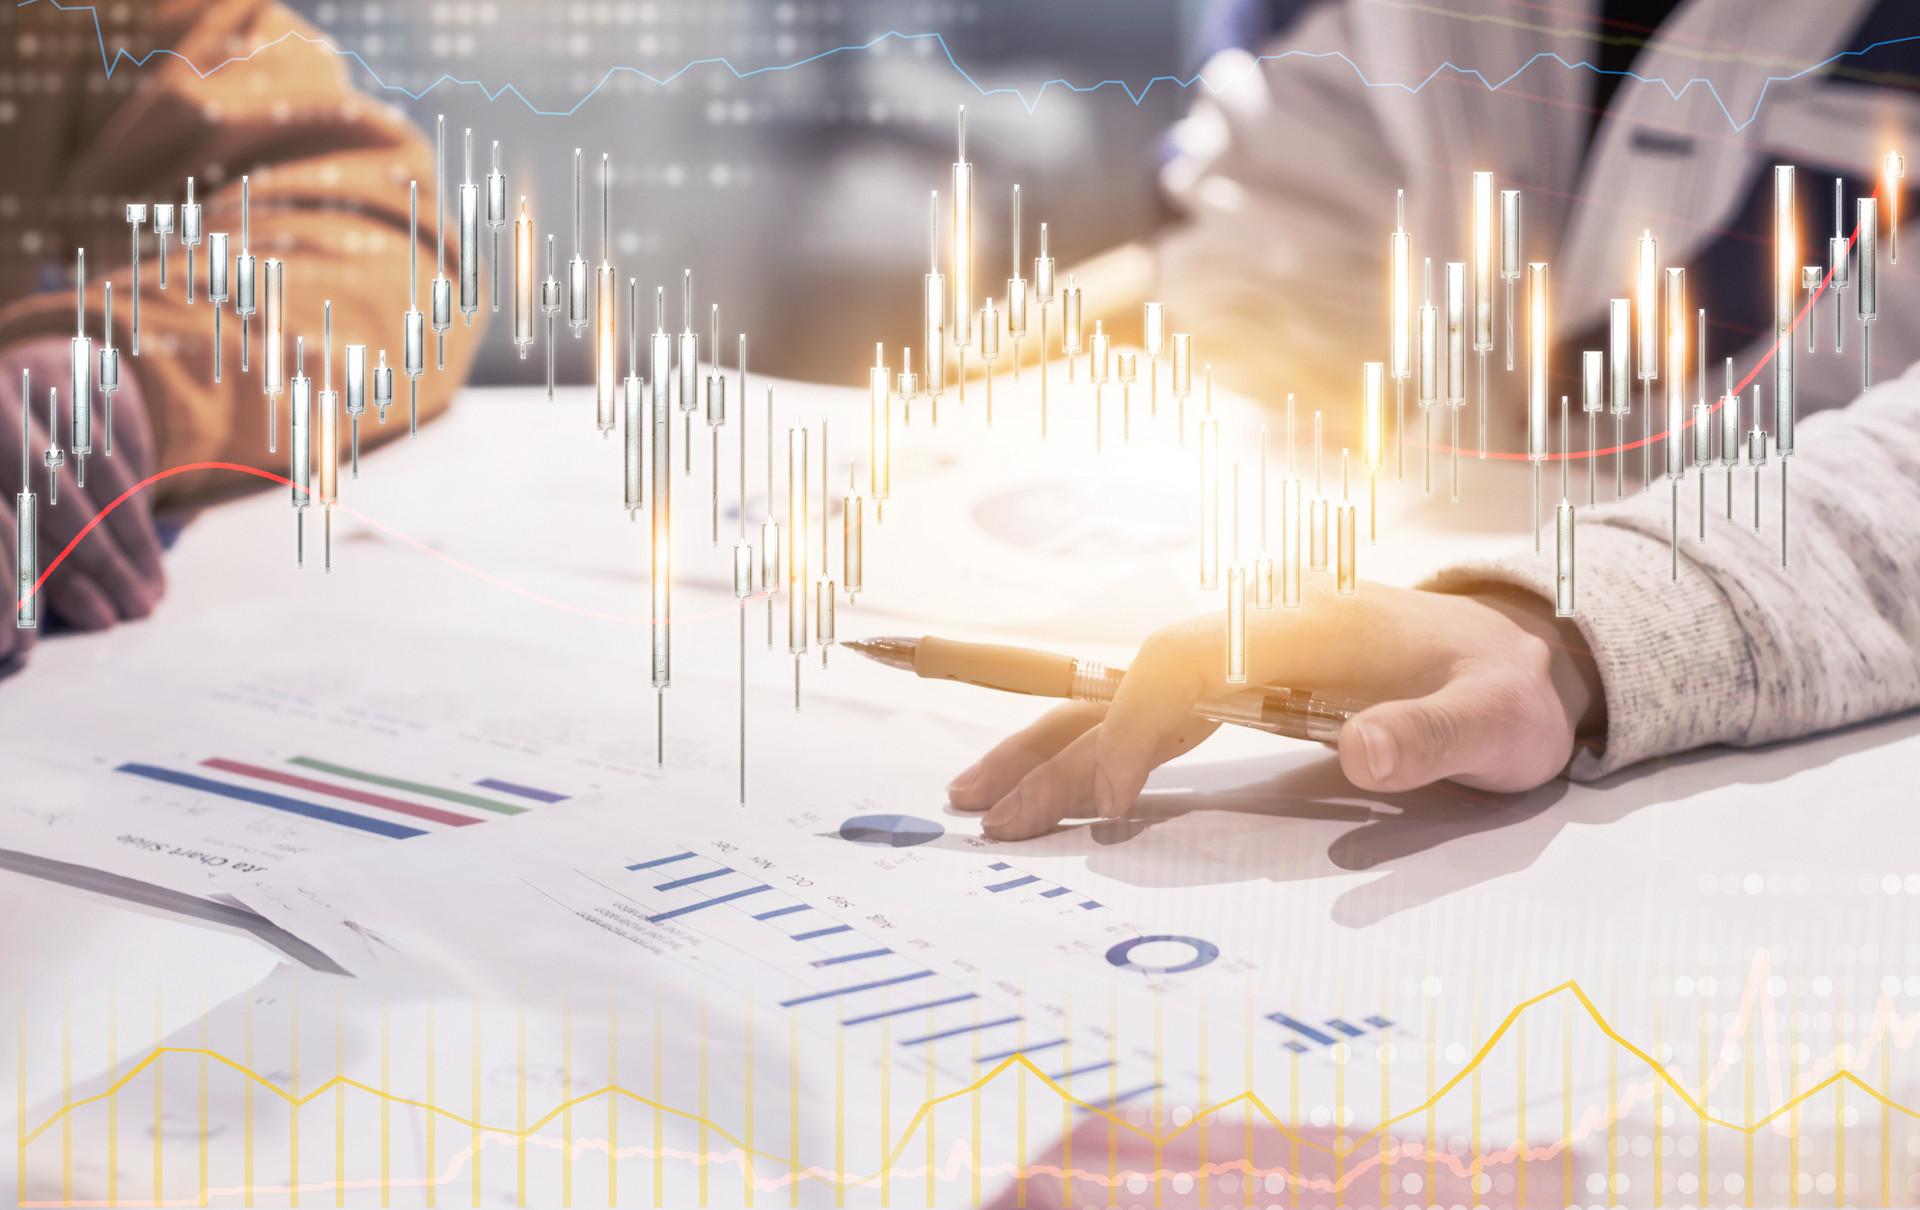 2020年A股怎么布局?机构建议关注微观层面机会